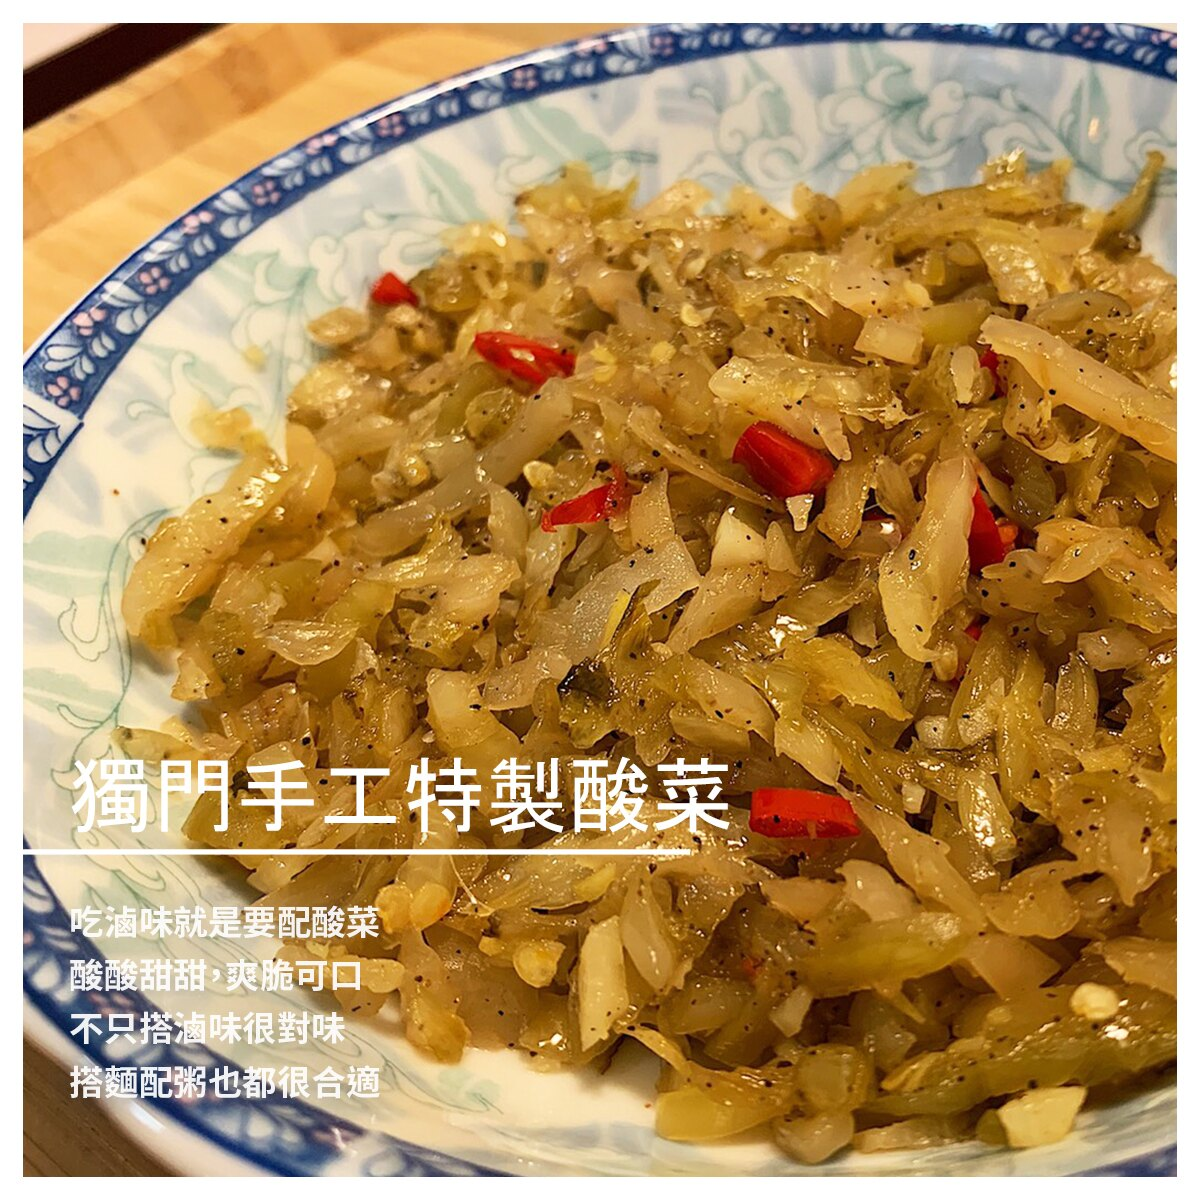 【擄獲滷胃】獨門手工特製酸菜/150g